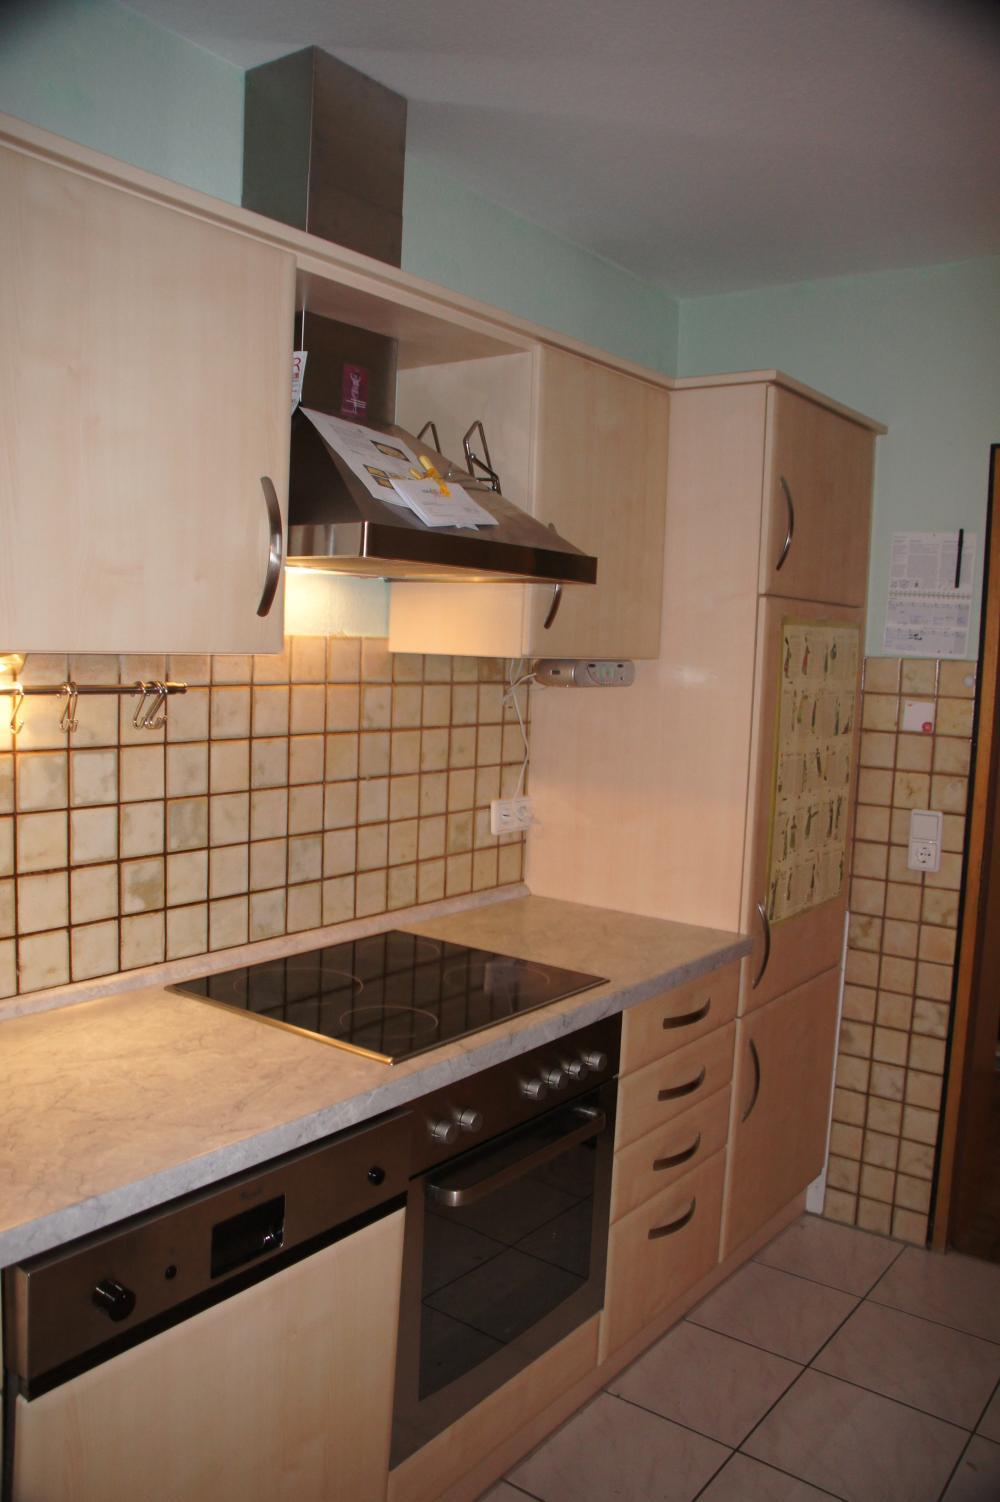 Schöne Küche in Ahorn-Optik - 731461